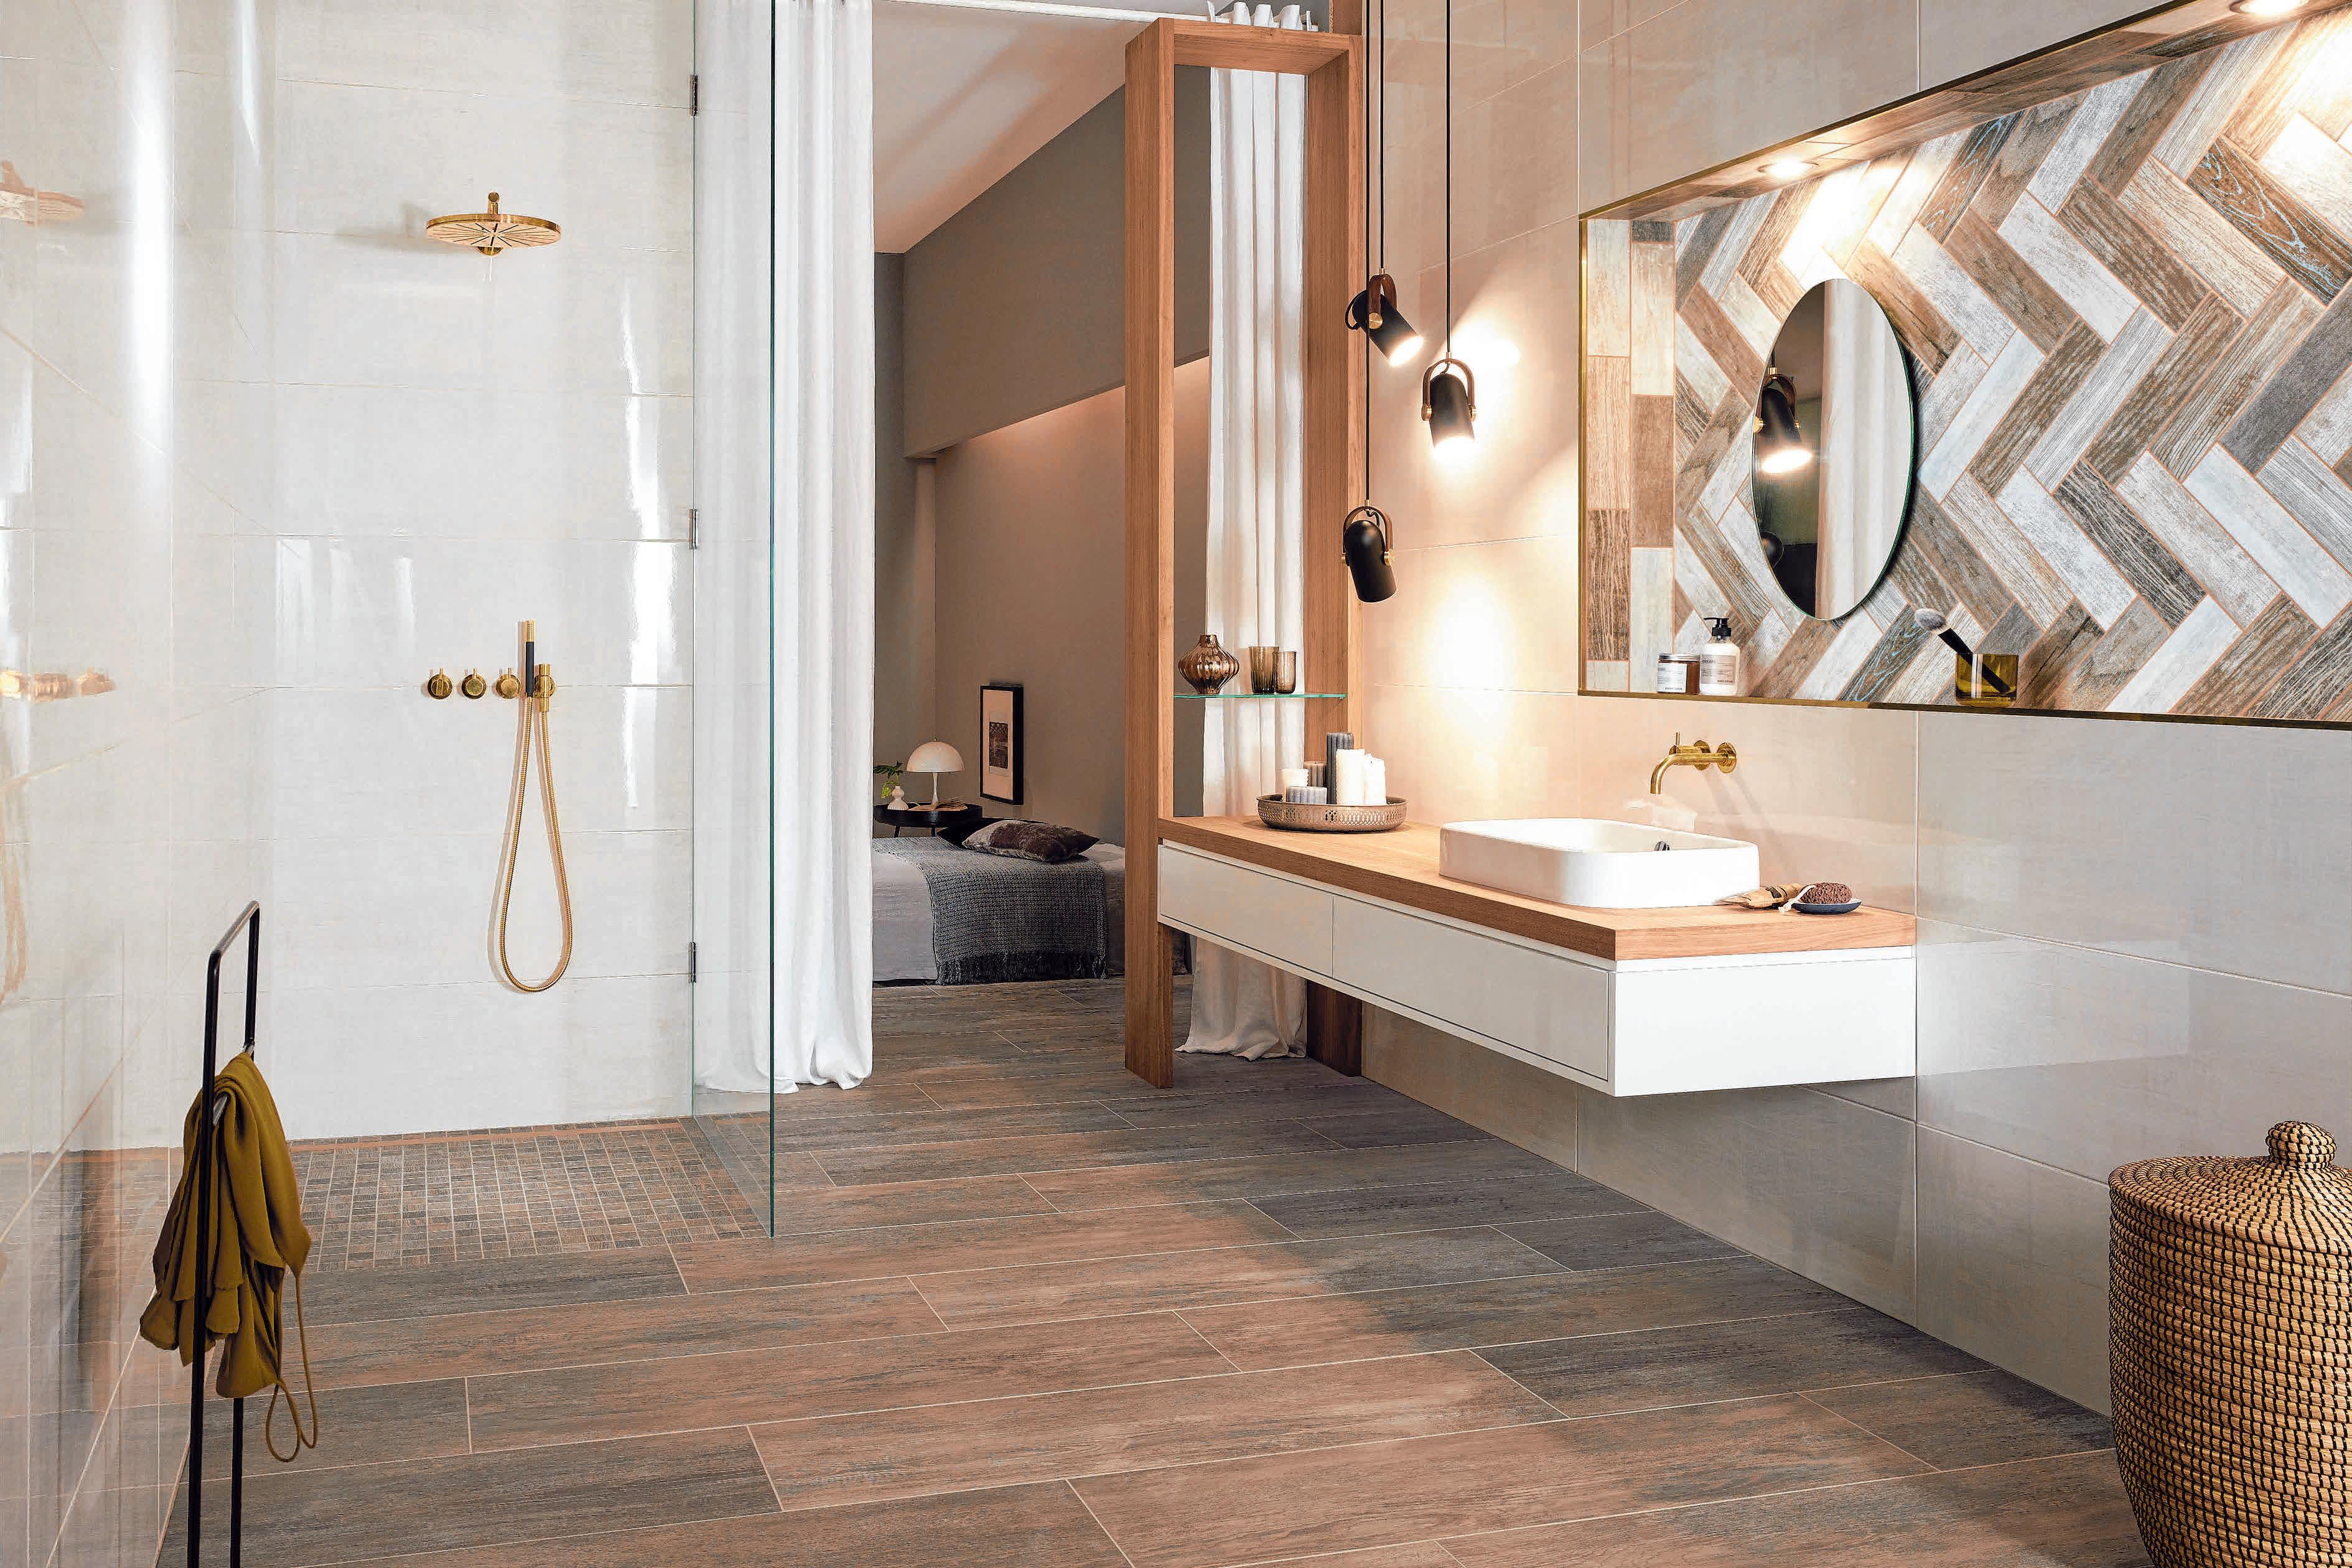 Die durchgängige Bodengestaltung von Bad und Duschbereich mit robusten Feinsteinzeug-Bodenfliesen in angesagter Holzoptik vergrößert den Raum optisch.